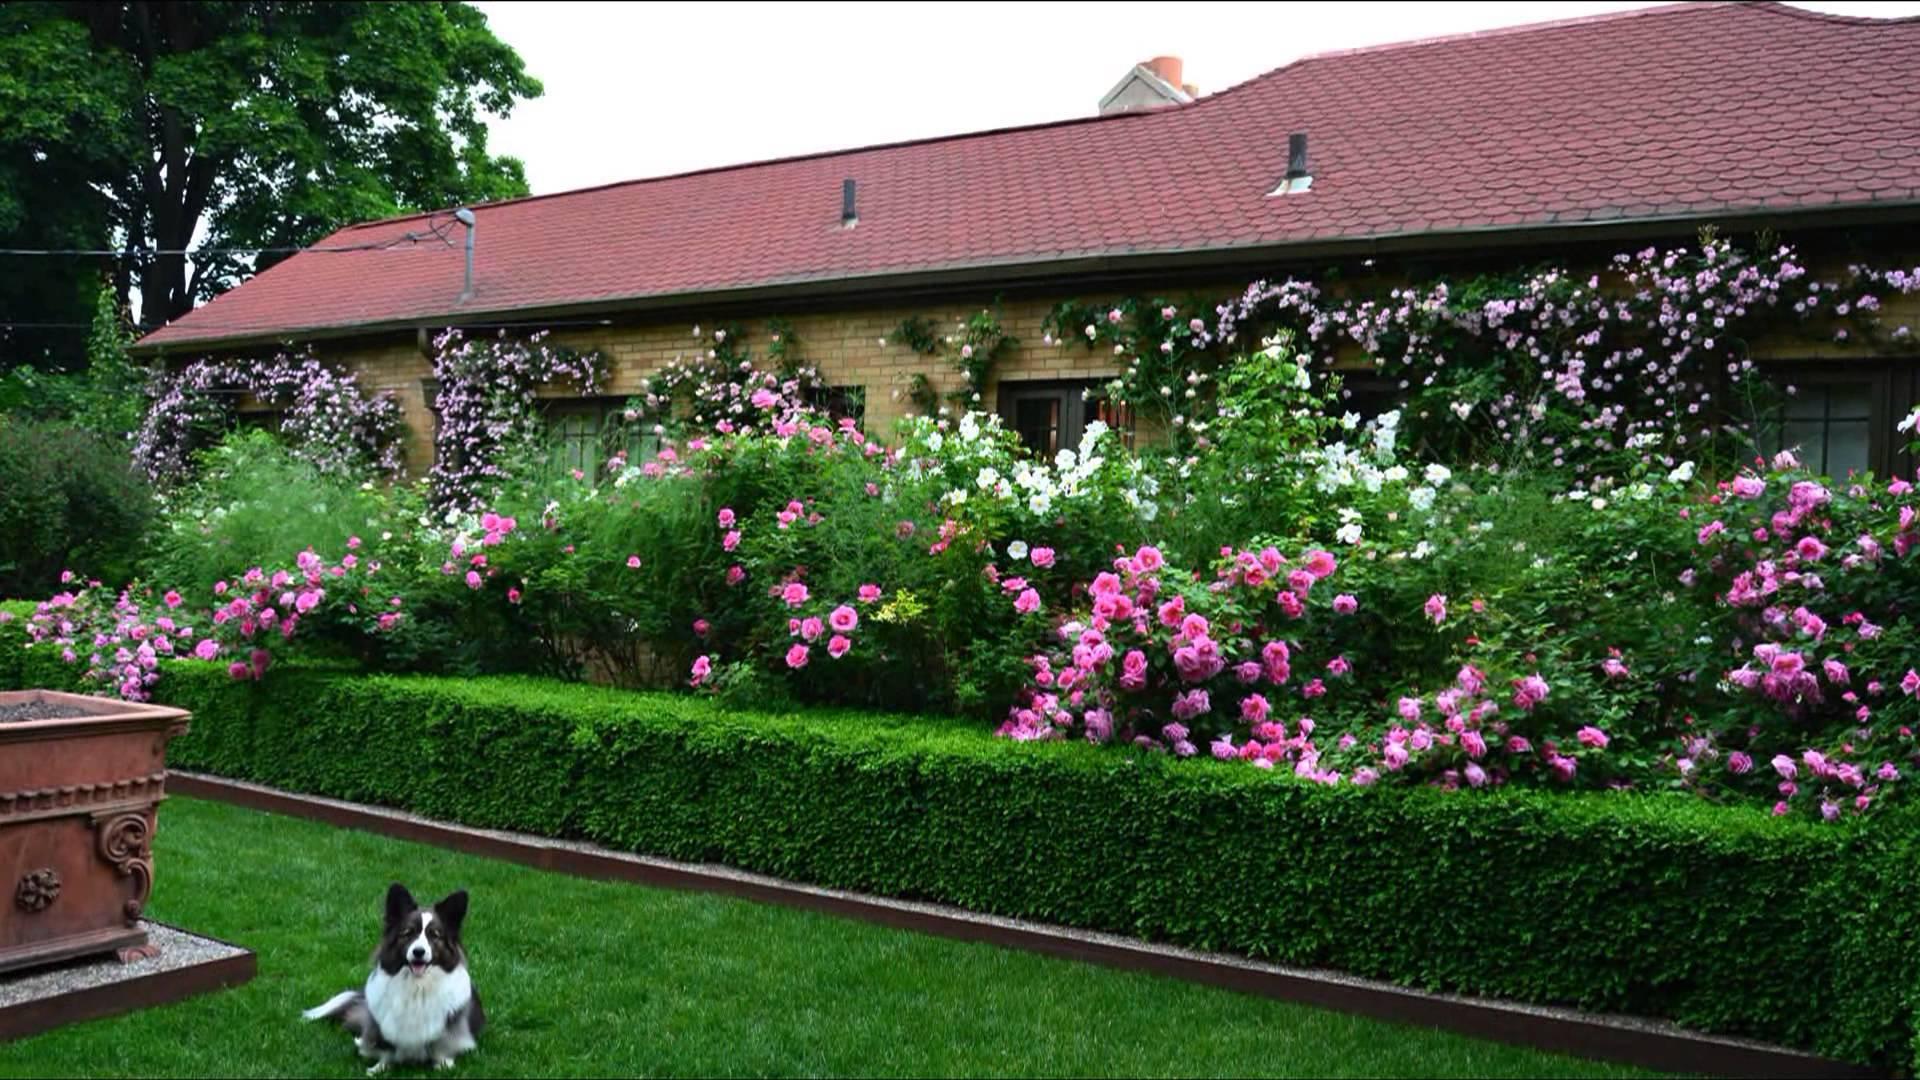 Используется для ограничивания цветников и отдельных садовых зон, высаживается вдоль дорожек.